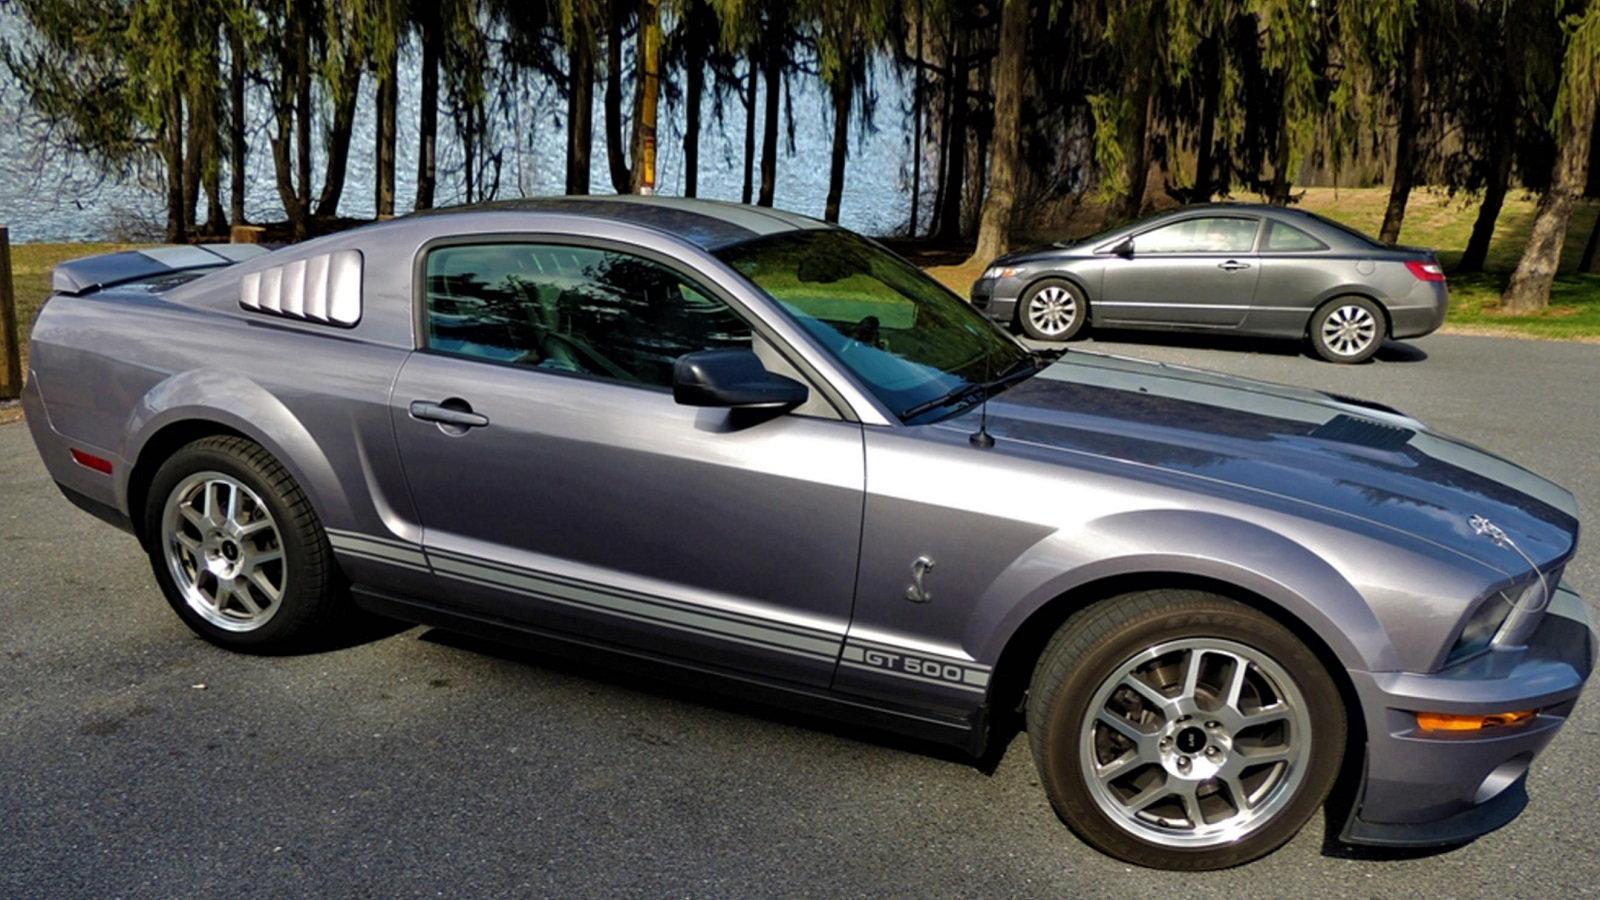 2007 Mustang GT500